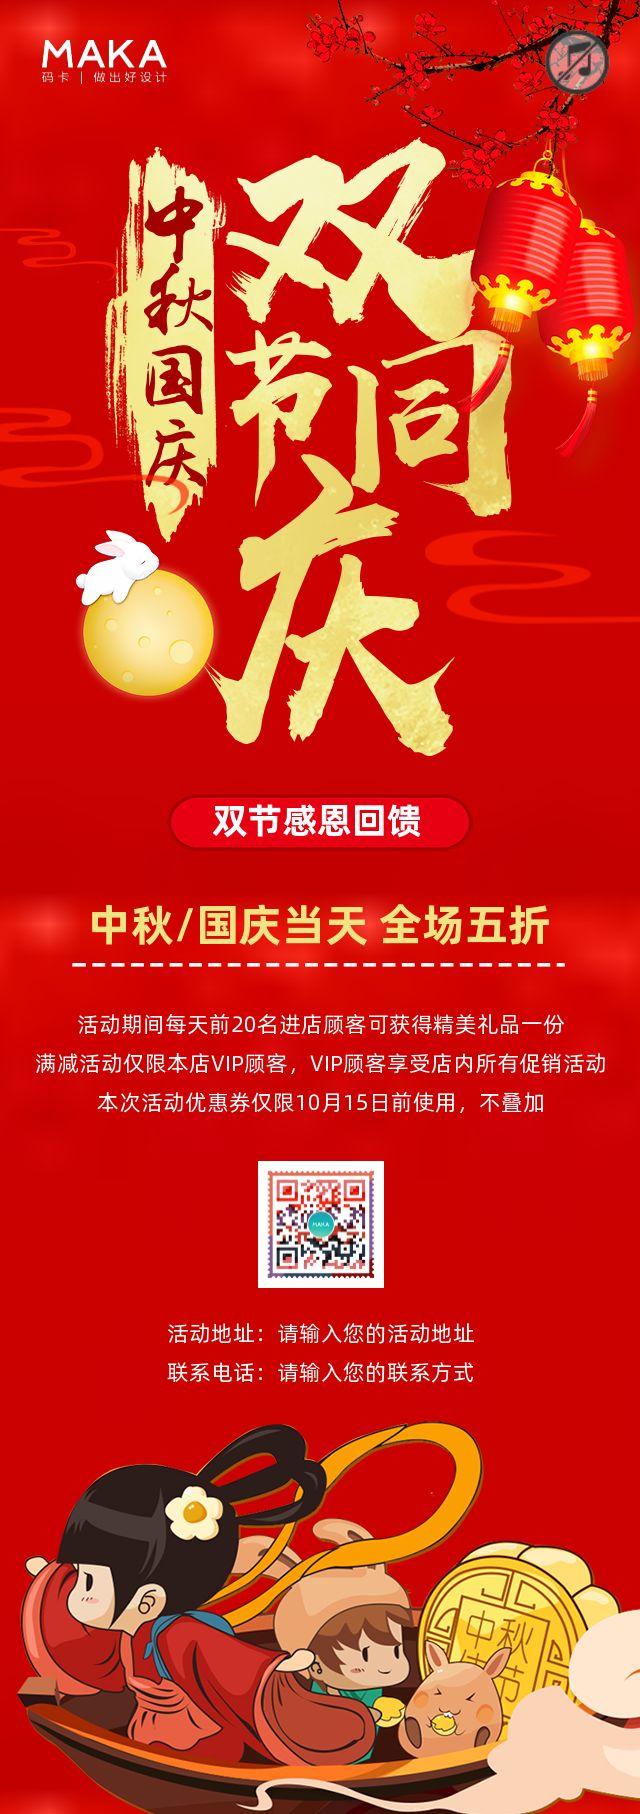 卡通红色喜庆风商超/微商/店铺中秋国庆促销宣传通知宣传海报